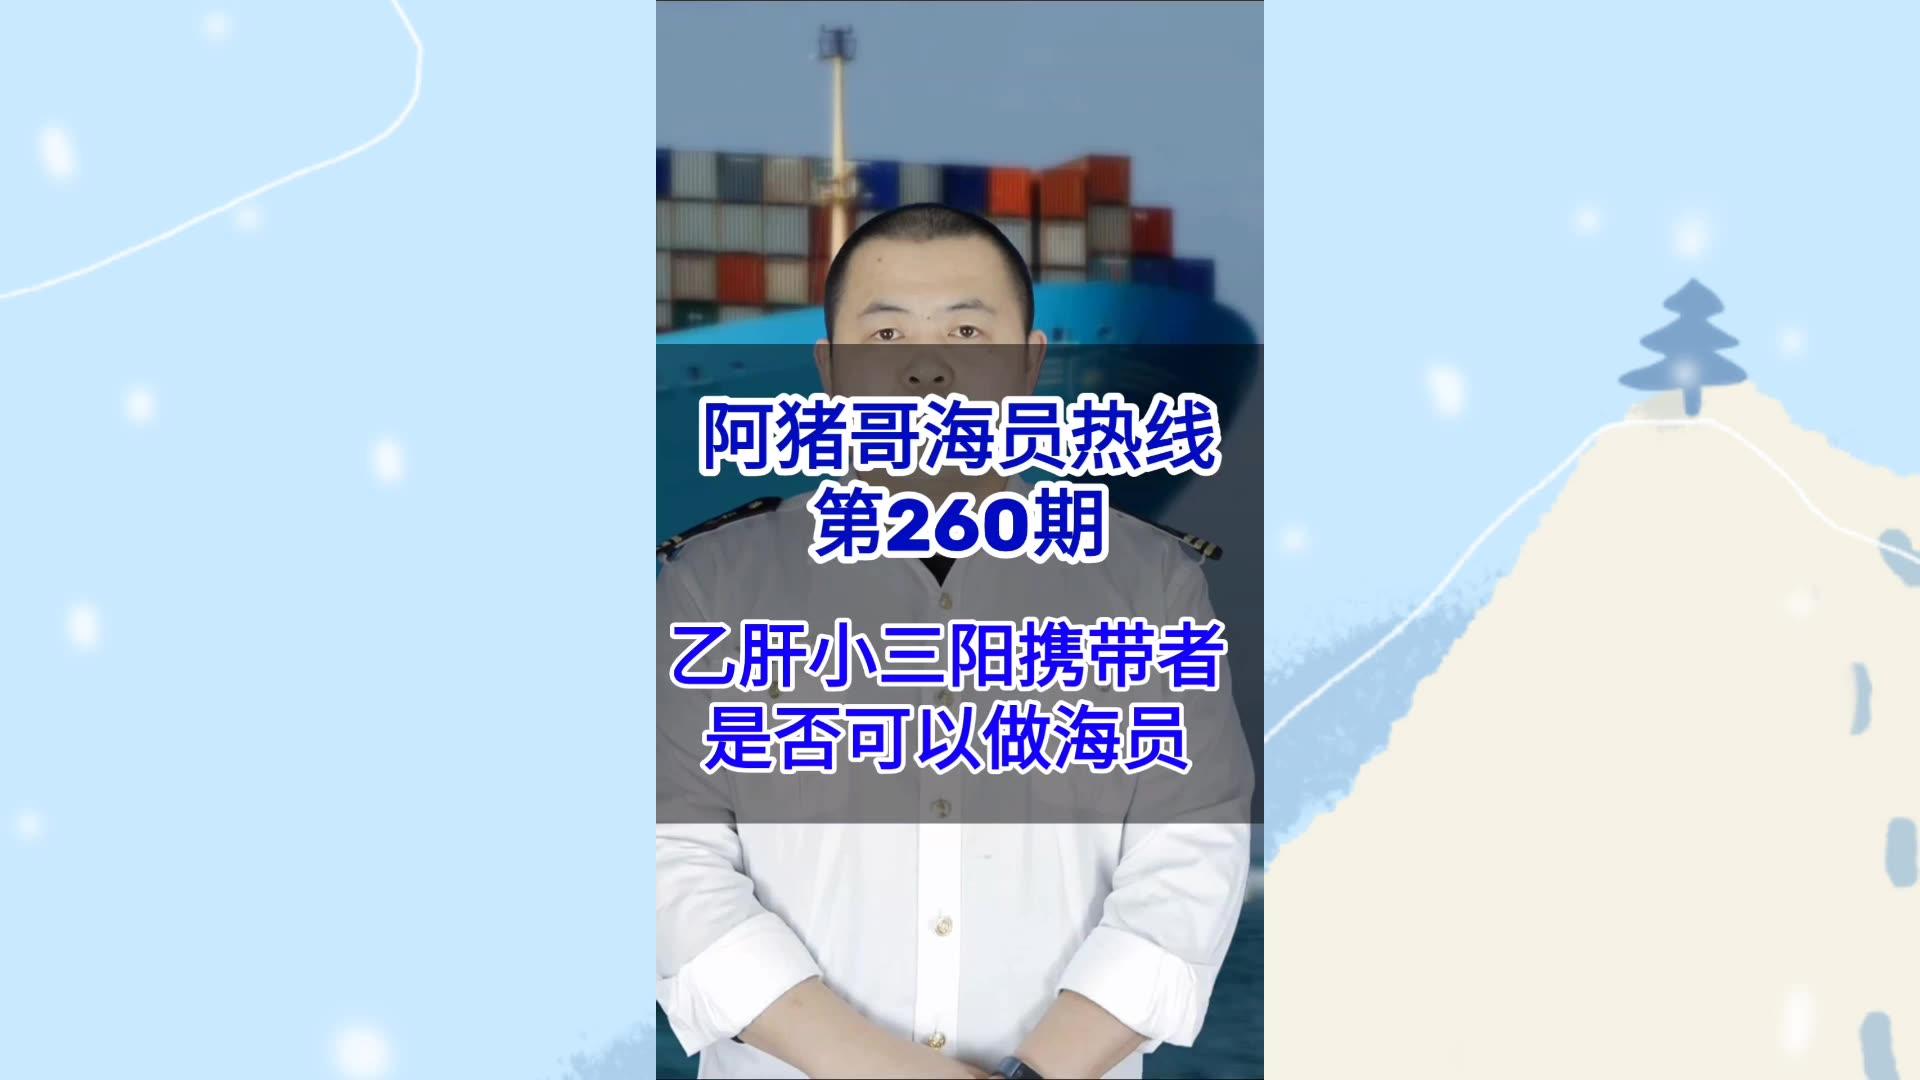 第260期【阿猪哥海员热线】乙肝小三阳携带者是否可以做海员